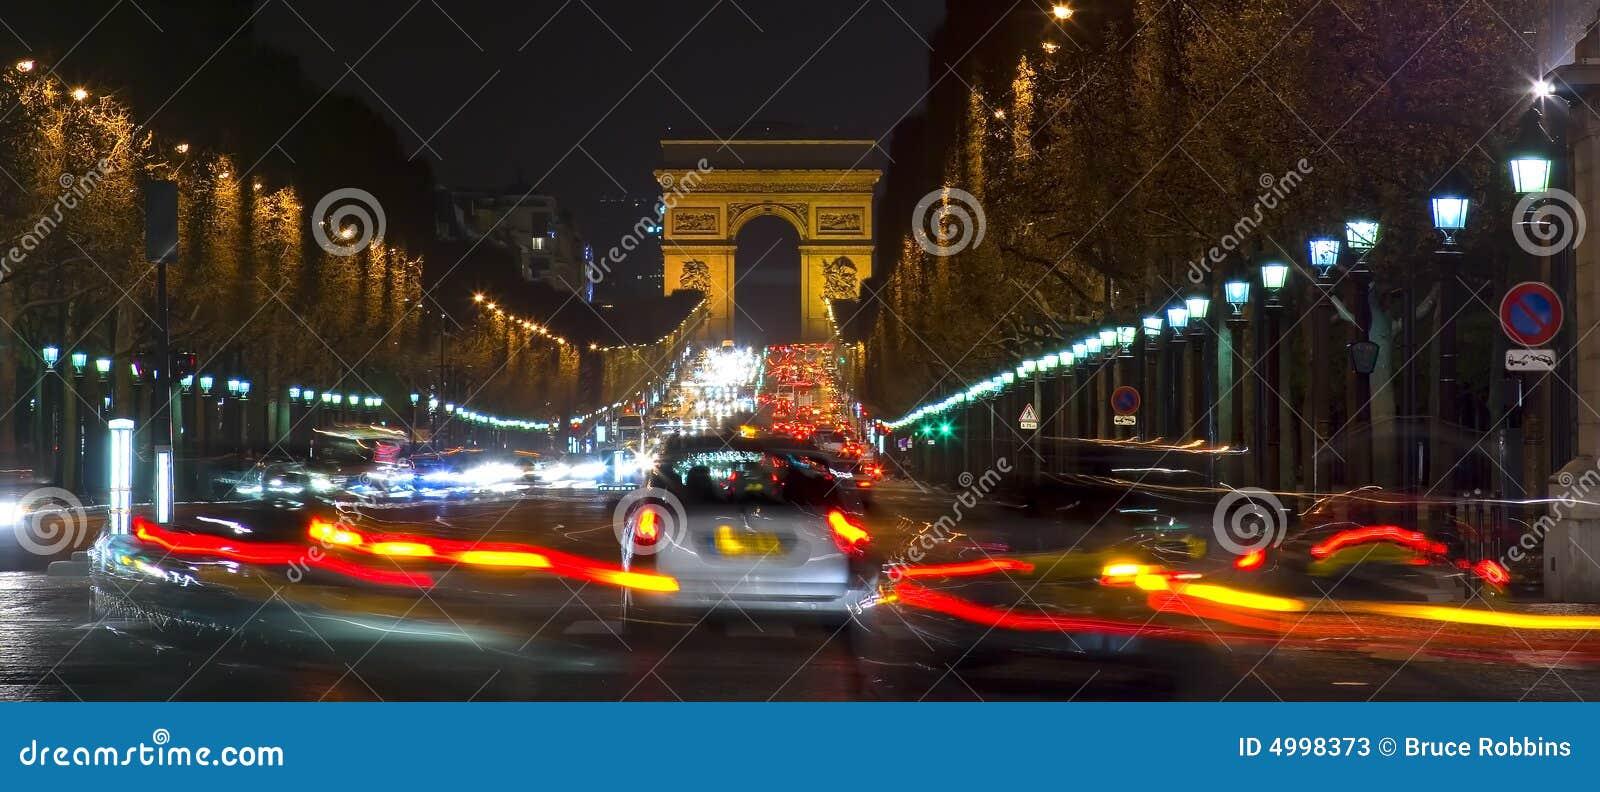 Arc de Triomphe and Champs Elysees, Paris, France